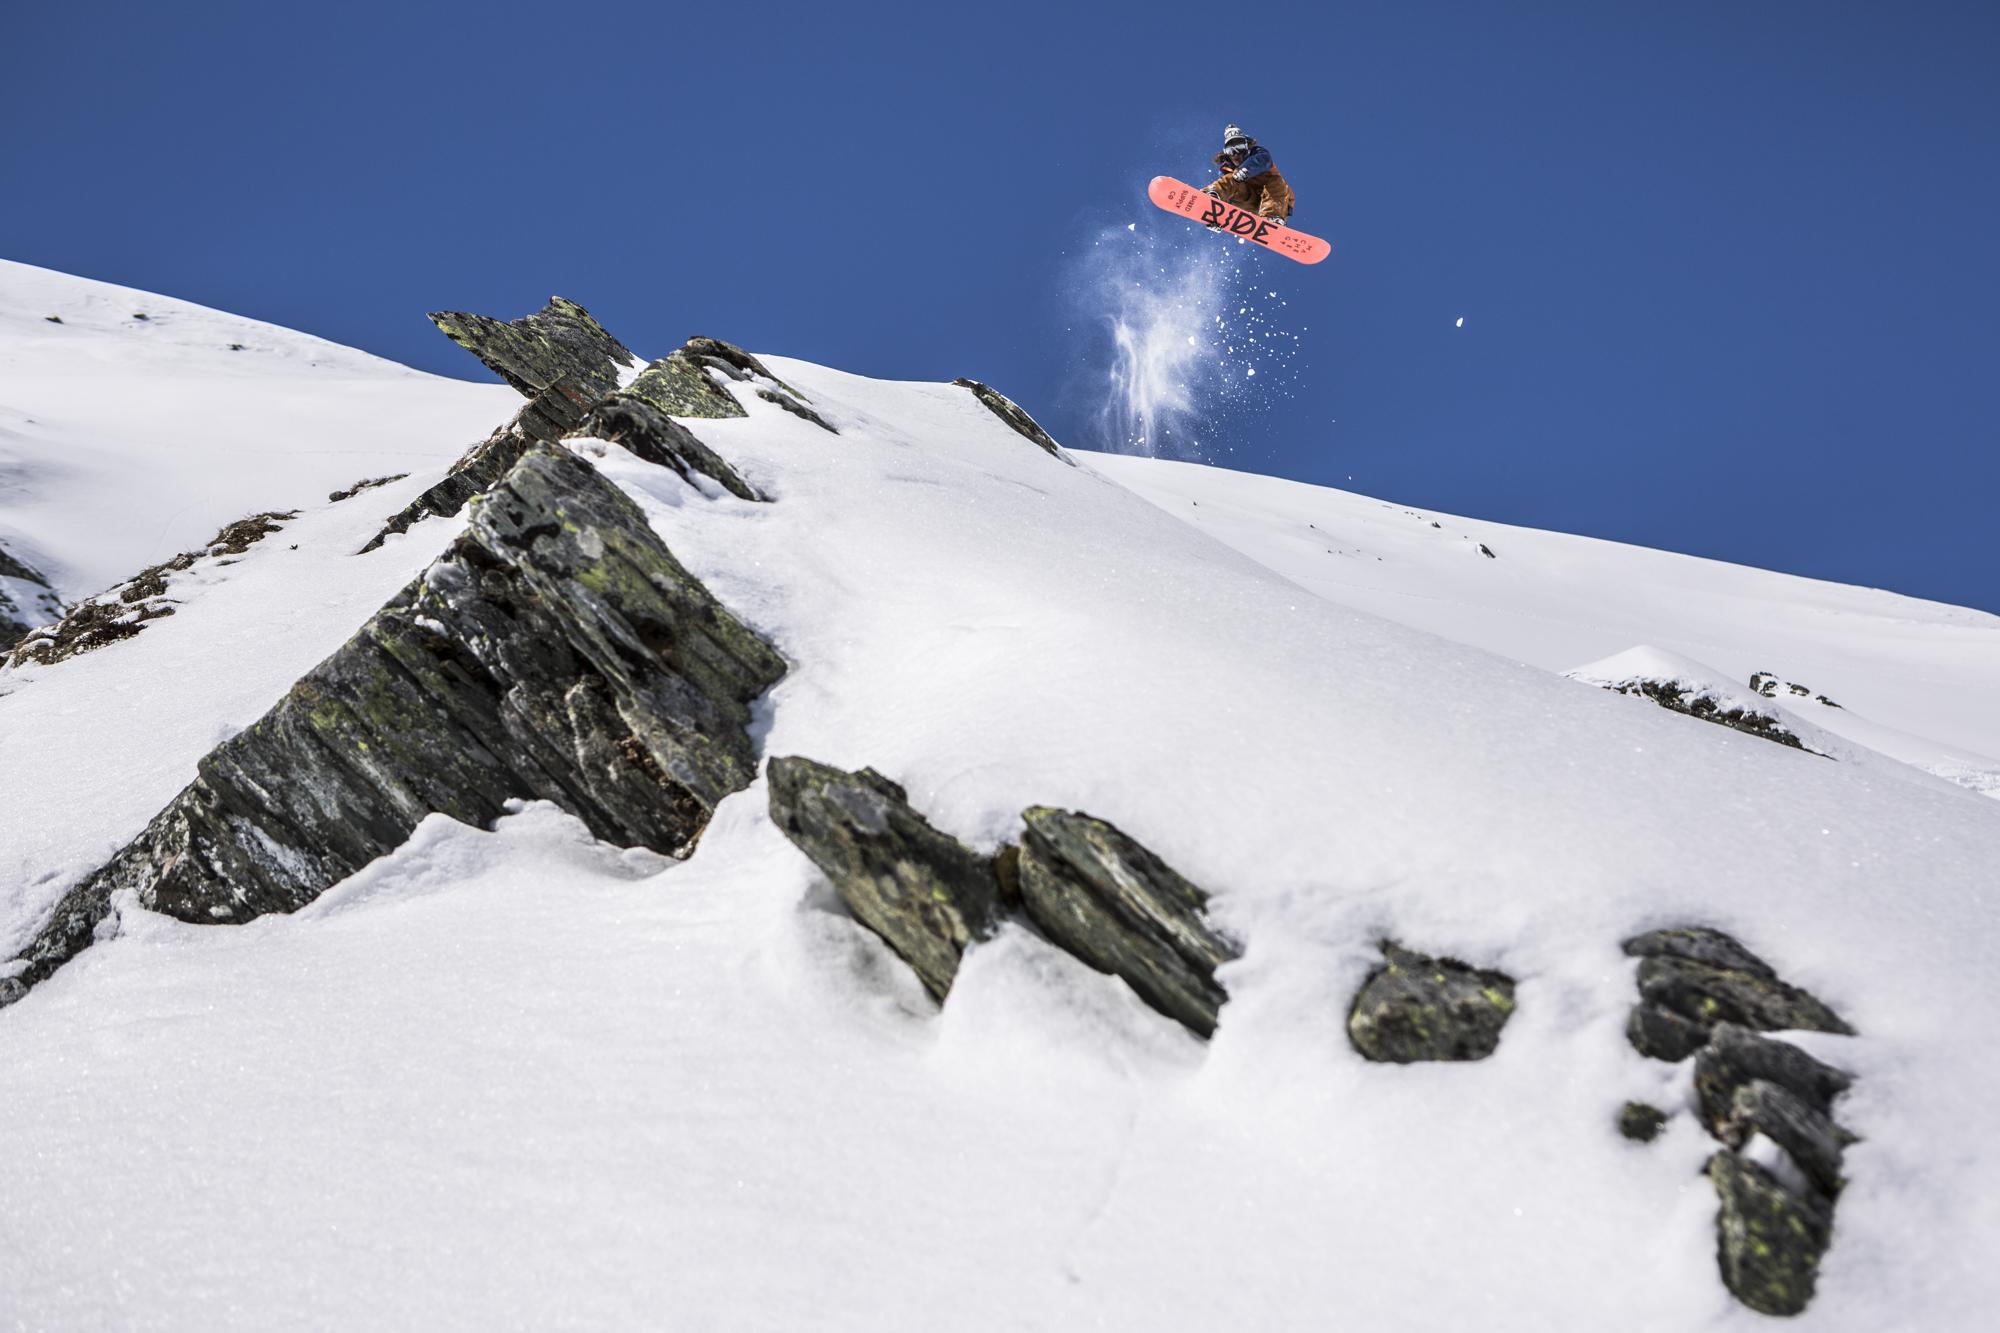 Kitzsteinhorn Powder Team